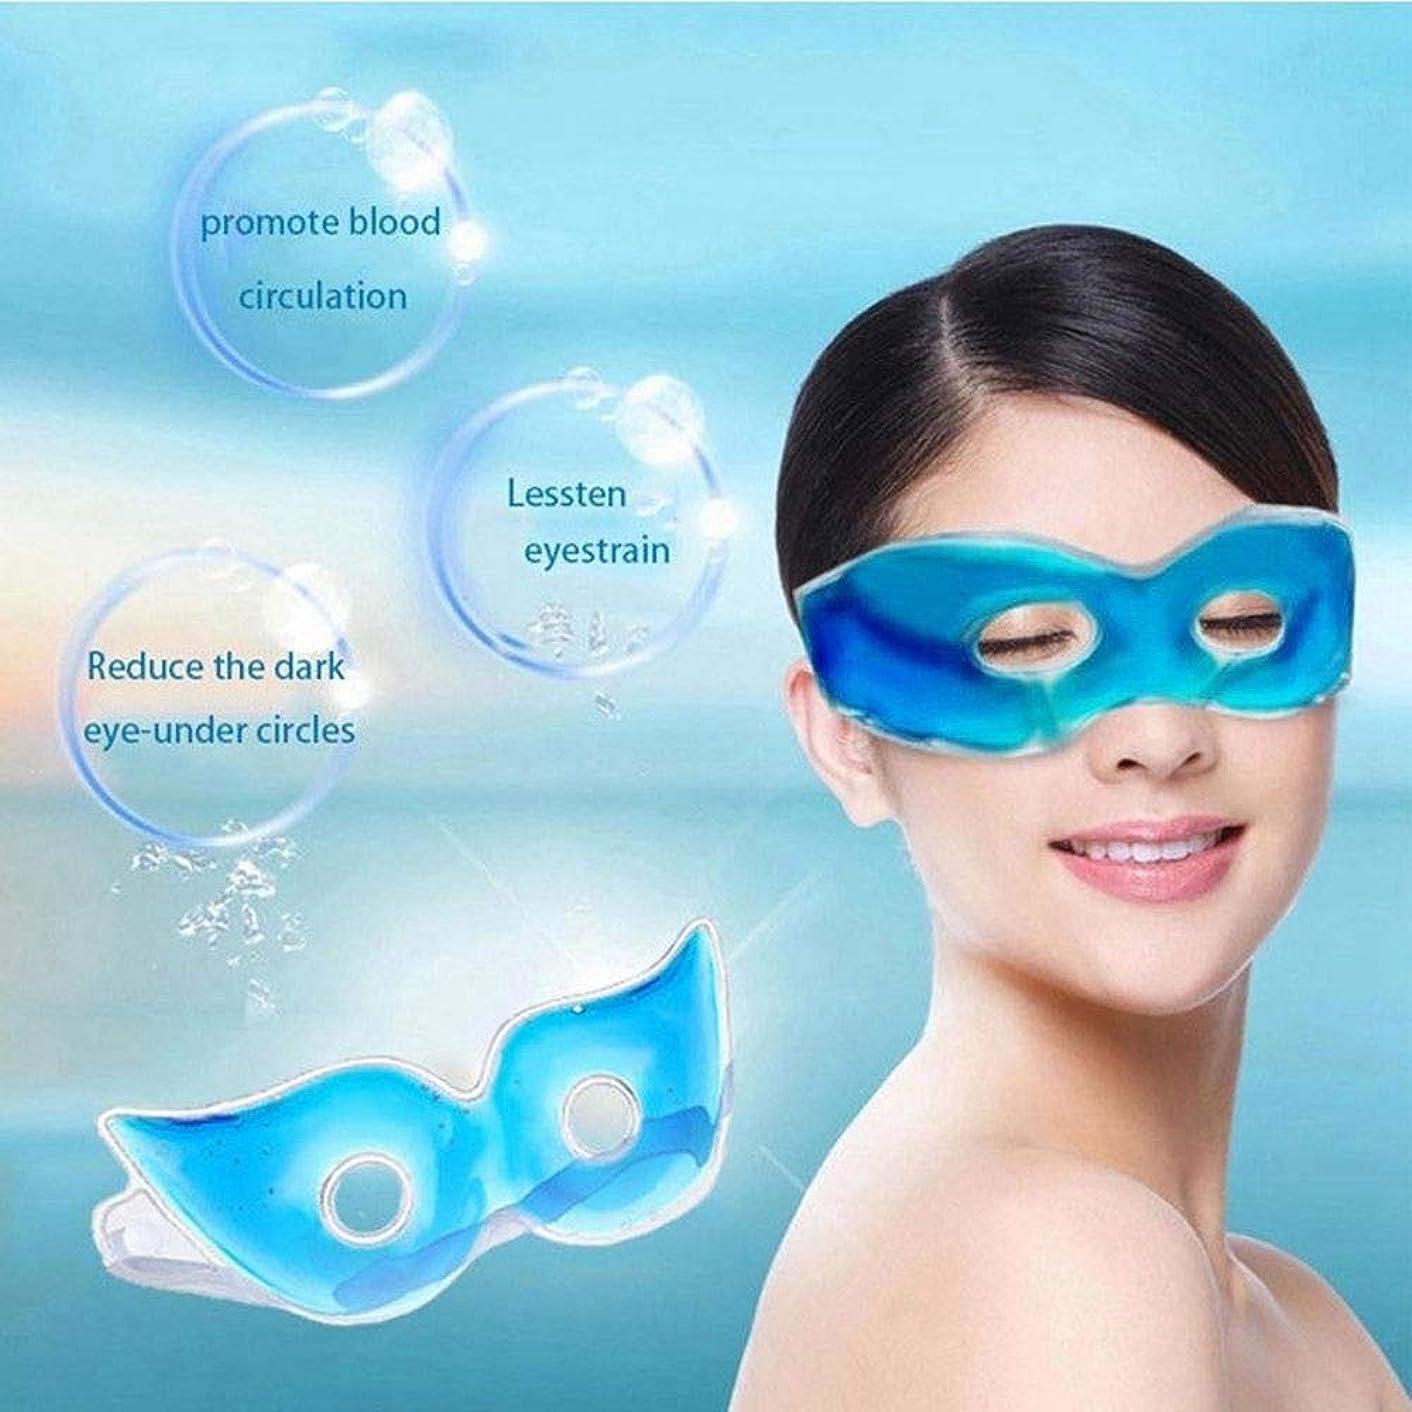 増強スパイラル手当NOTE アイスアイジェルスリーピングアイマスク美容ダークサークルを軽減疲労を軽減アイストレイン1個アイジェルパッチマスク